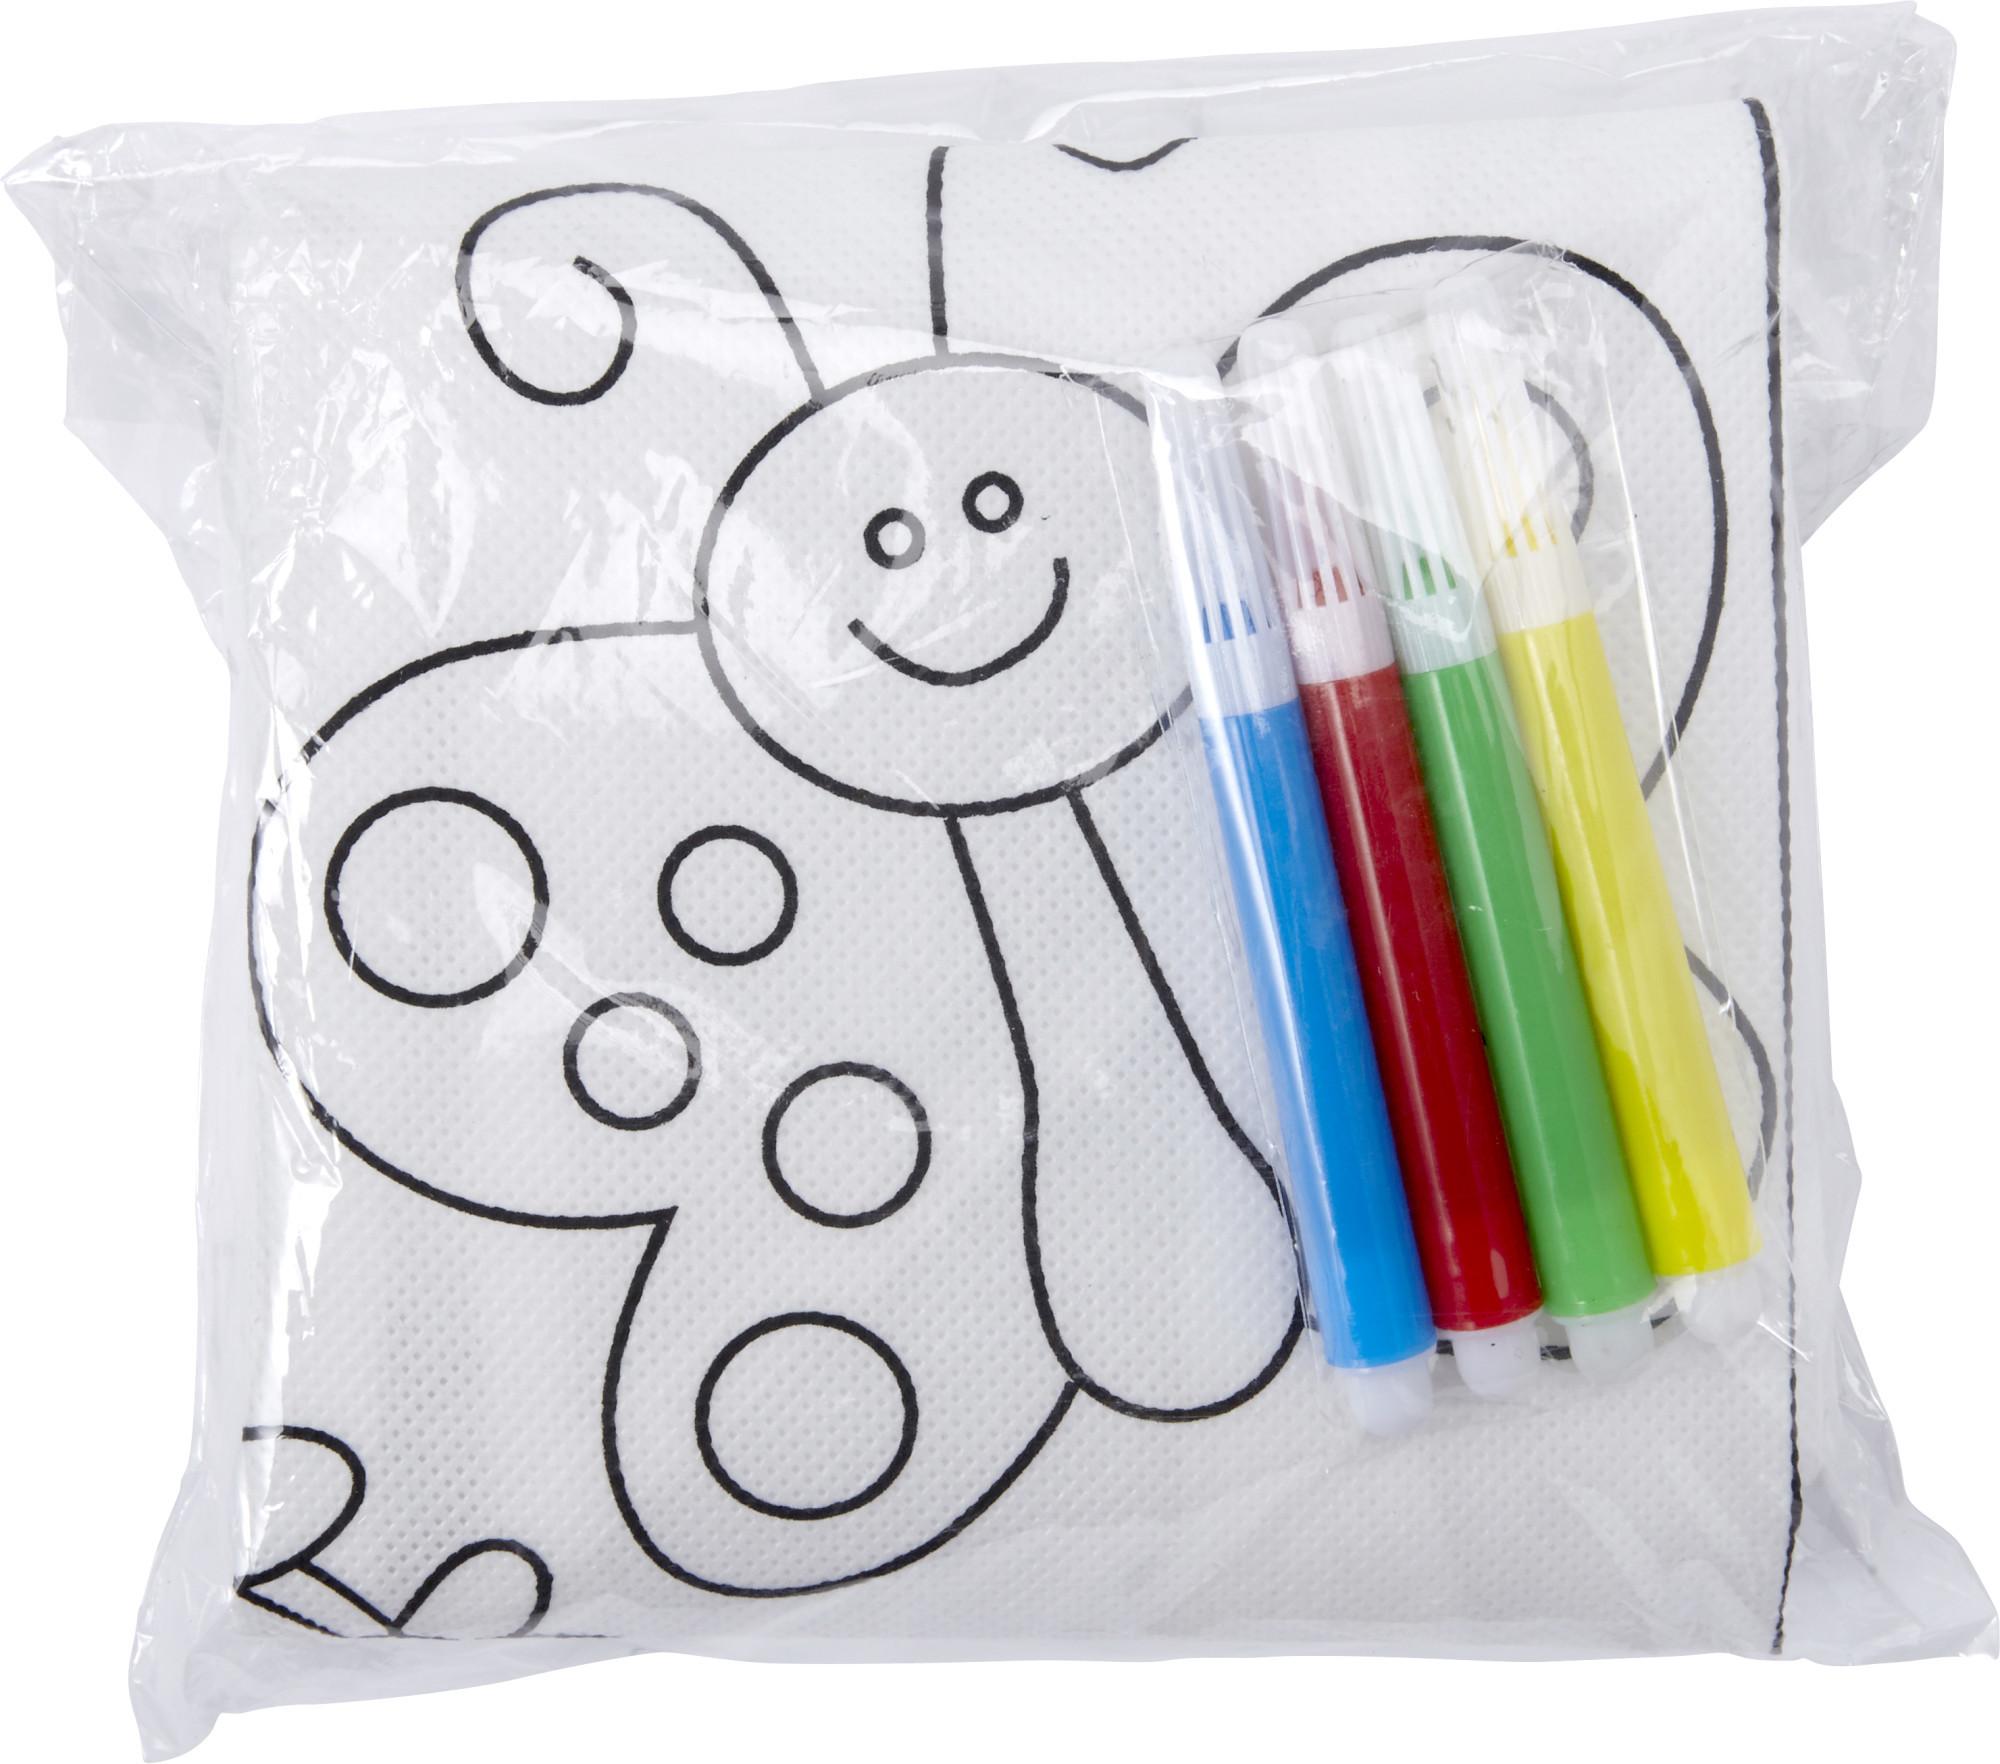 Tablier en polyester à colorier - 19-1255-8